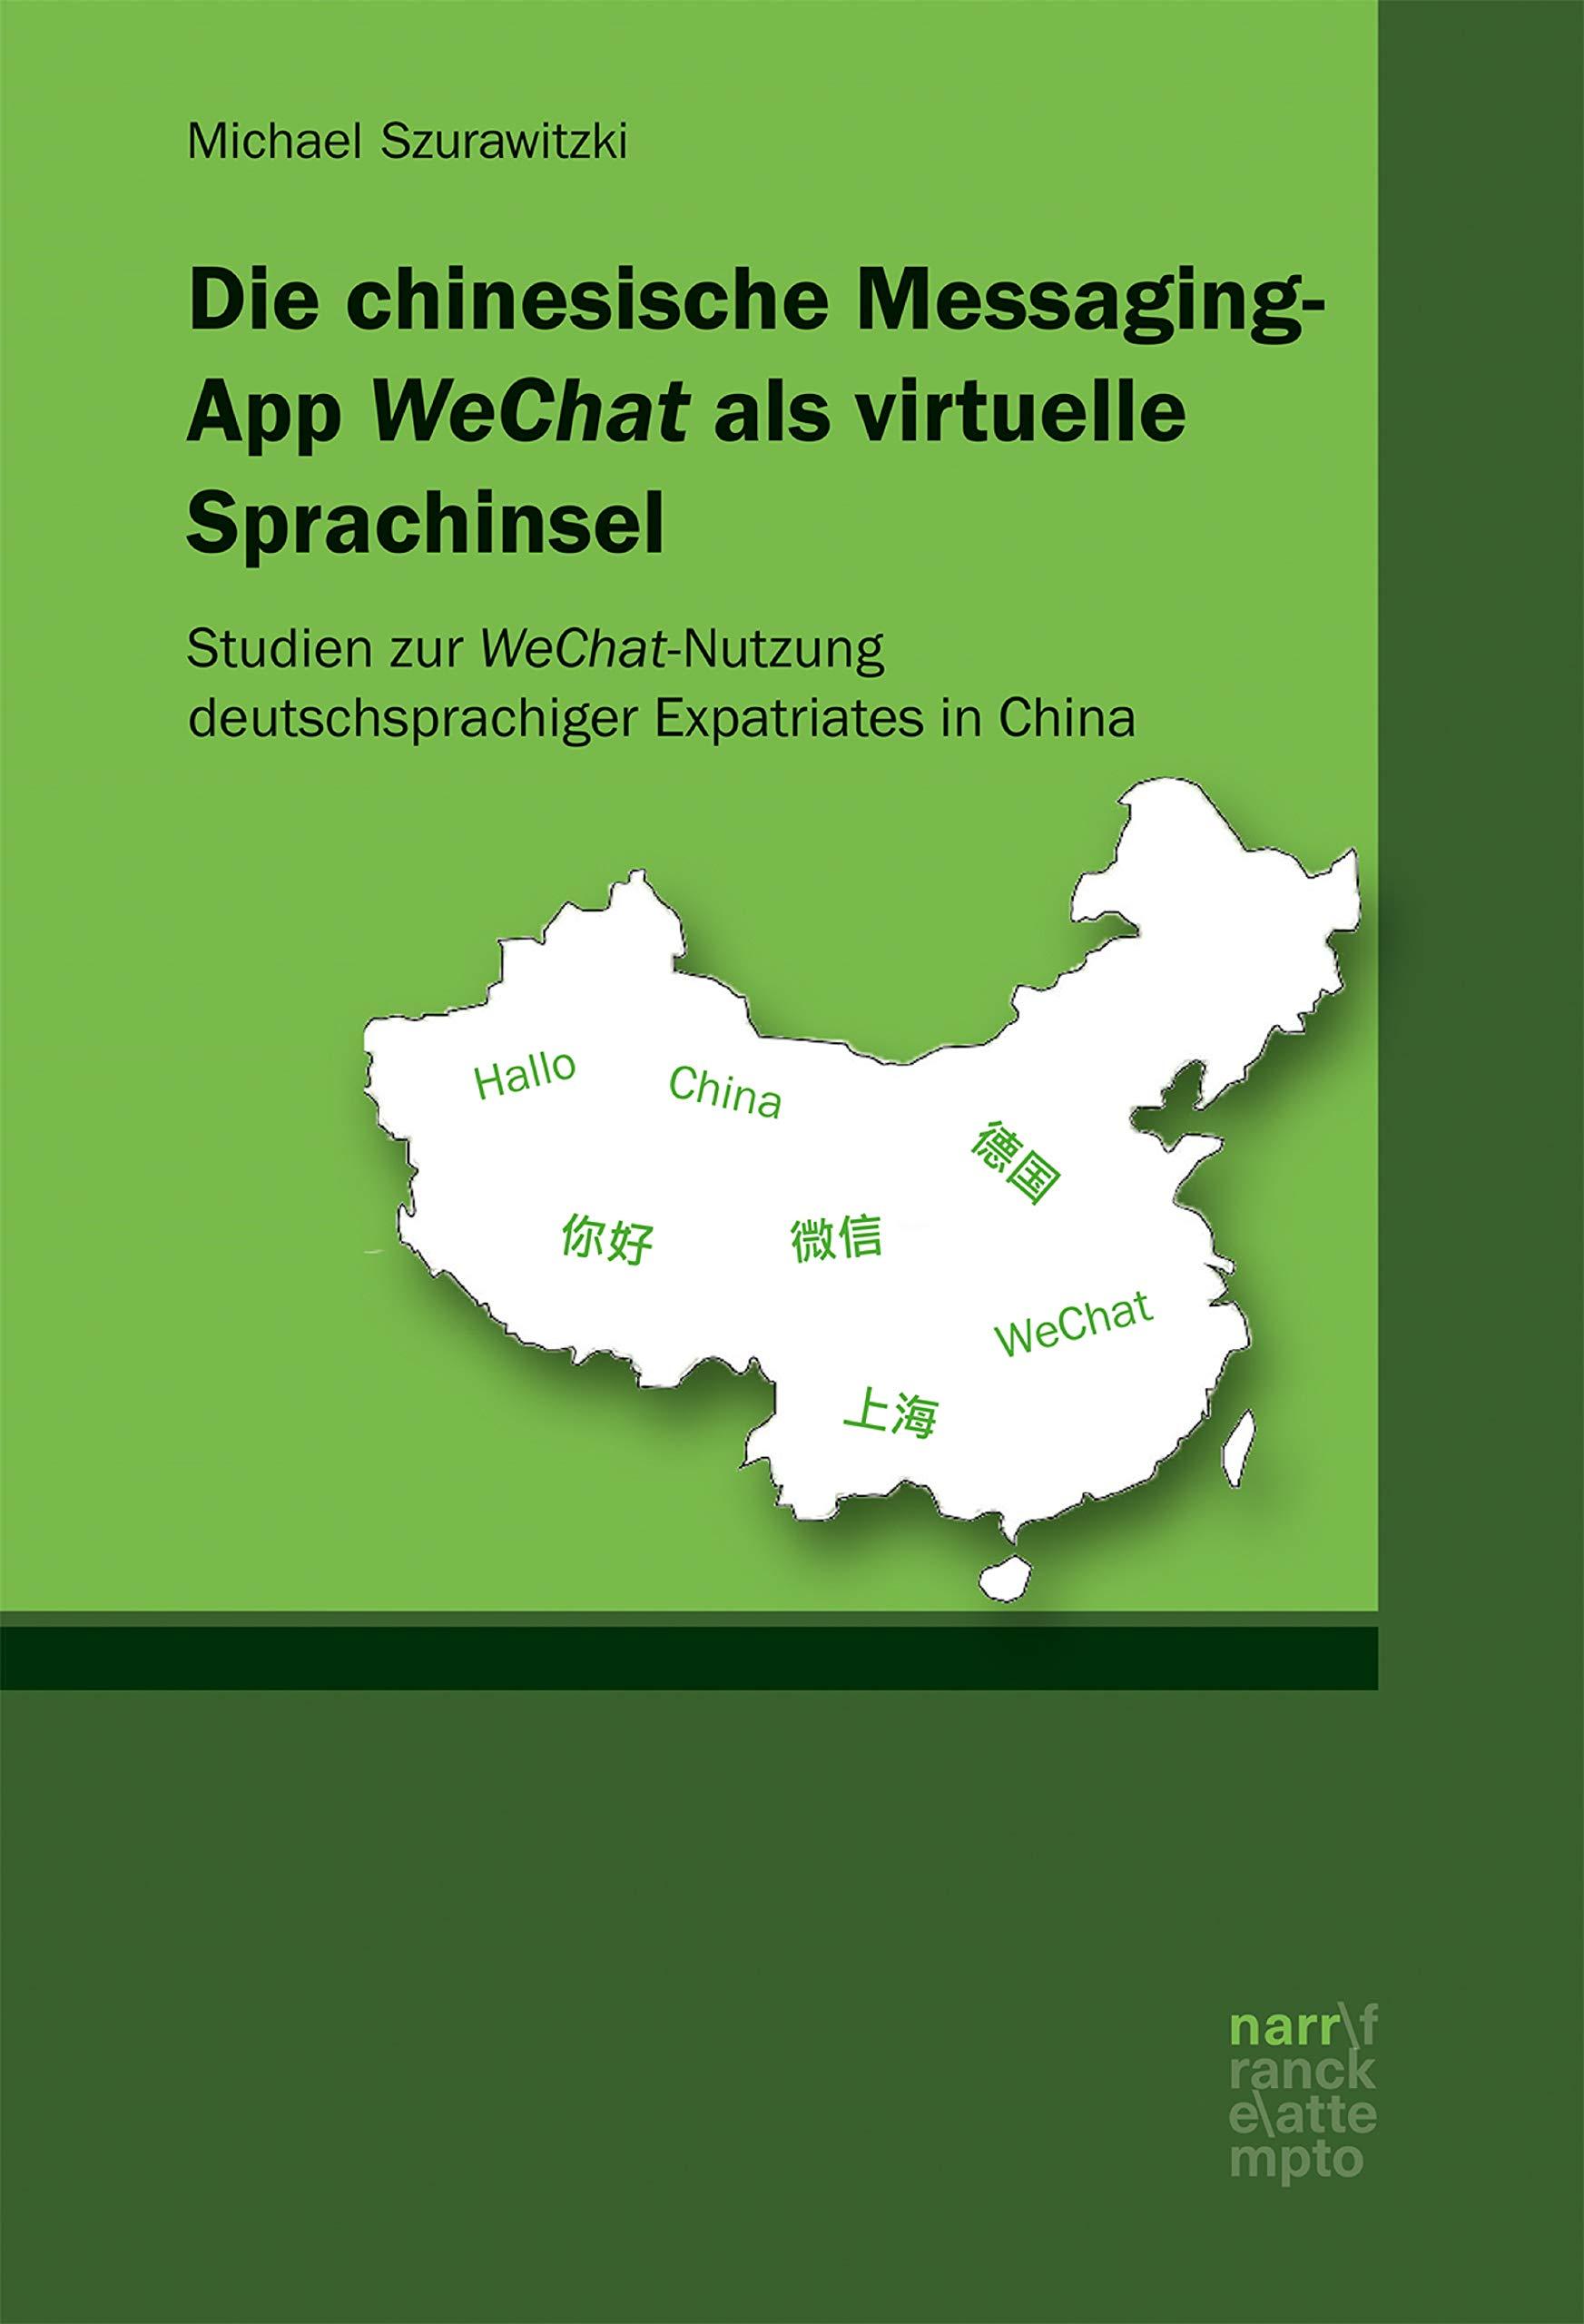 Die chinesische Messaging-App WeChat als virtuelle Sprachinsel: Studien zur WeChat-Nutzung deutschsprachiger Expatriates in China